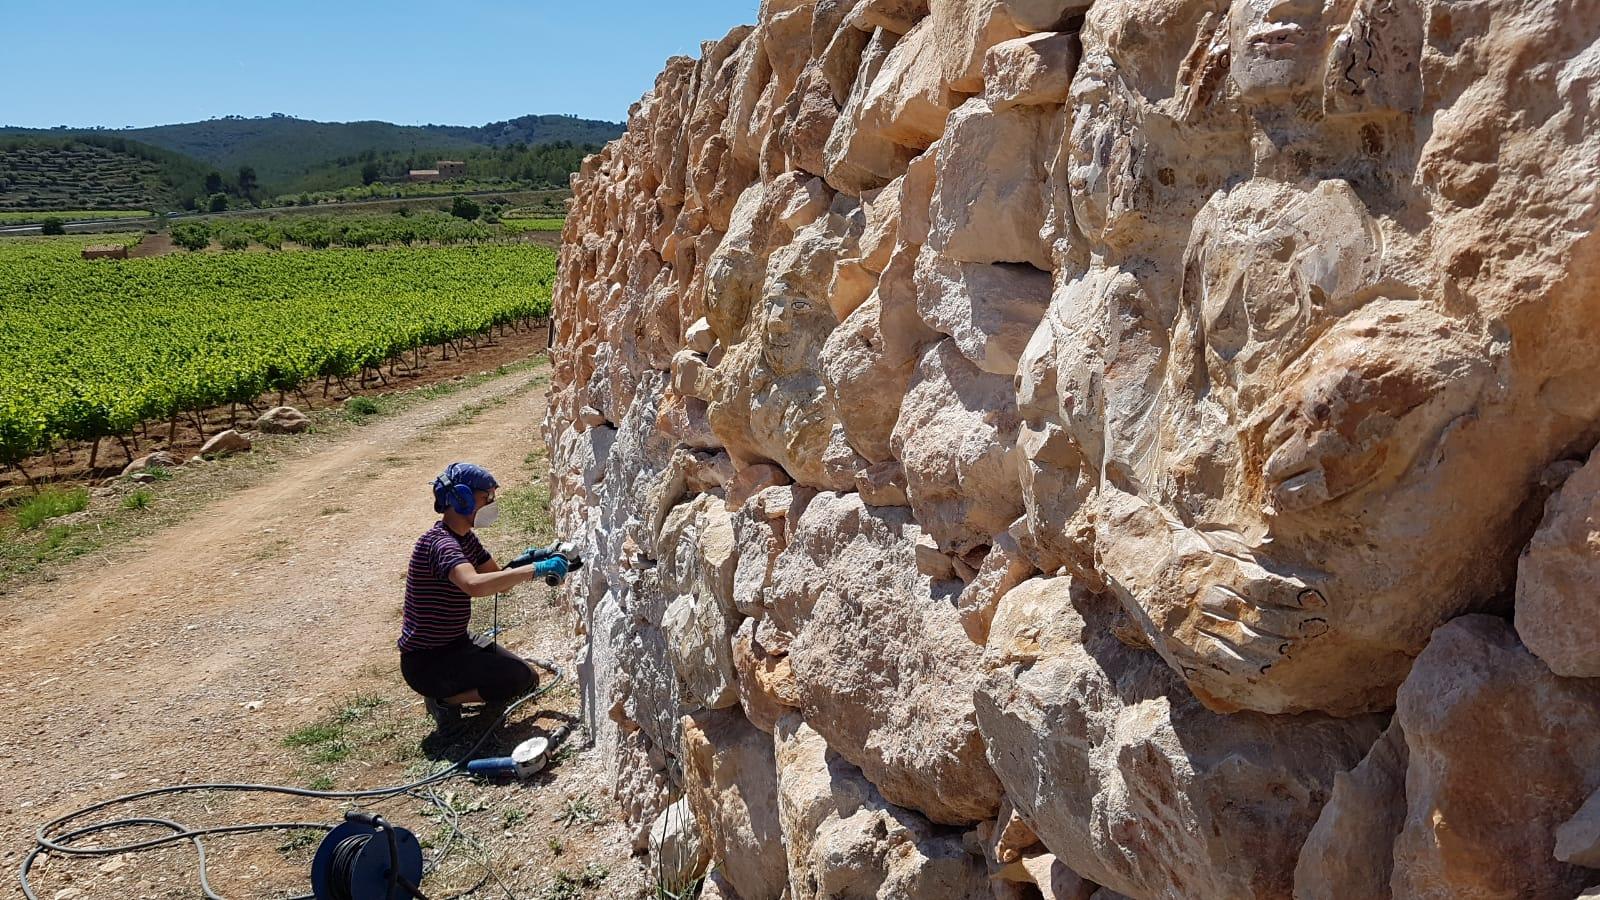 Un dels marges d'accés a Mas Llagostera mostra l'obra de l'escultora Marta Pruna